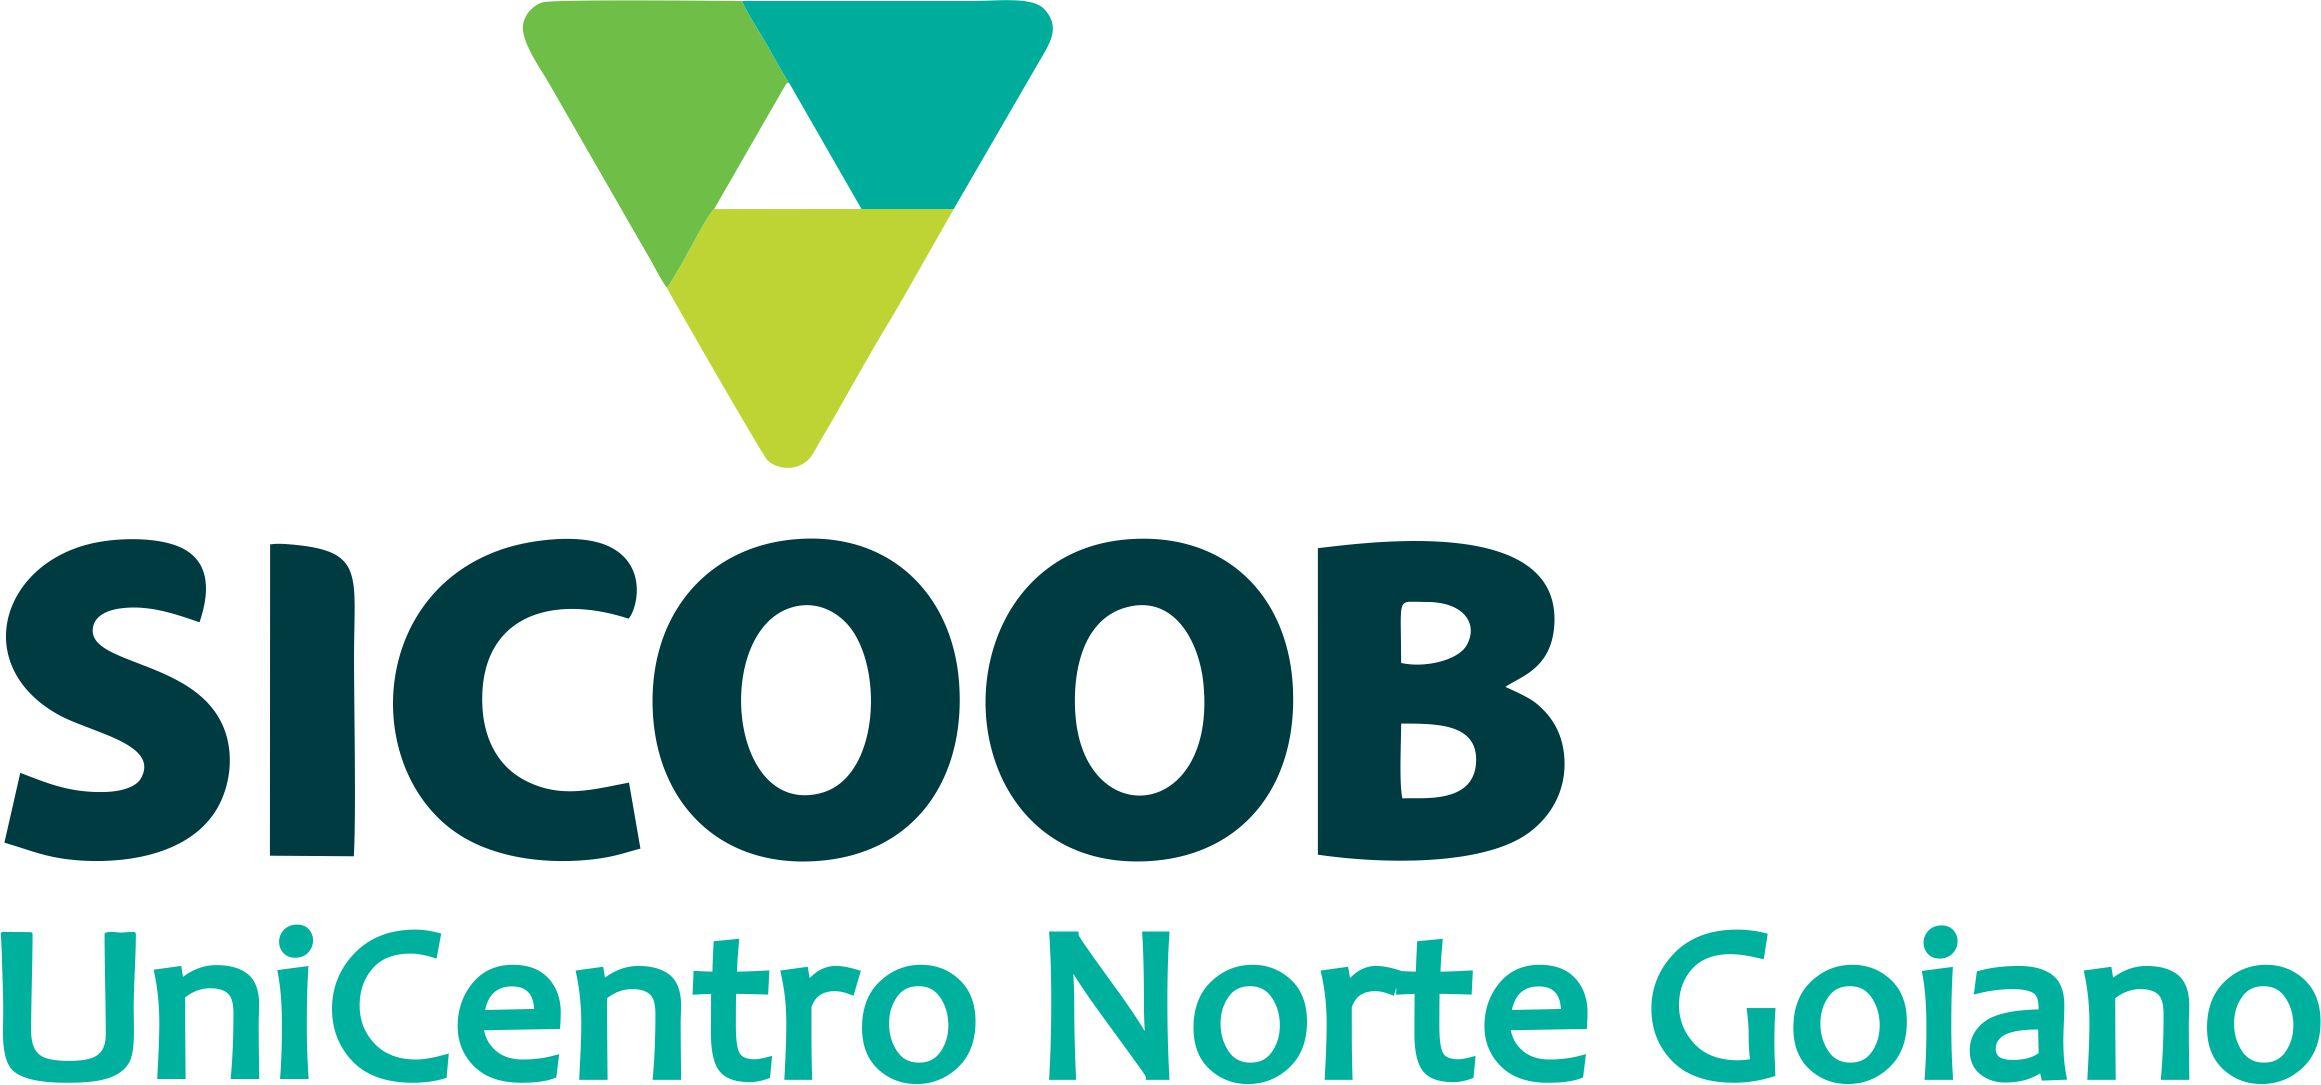 SICOOB Centro Norte Goiano